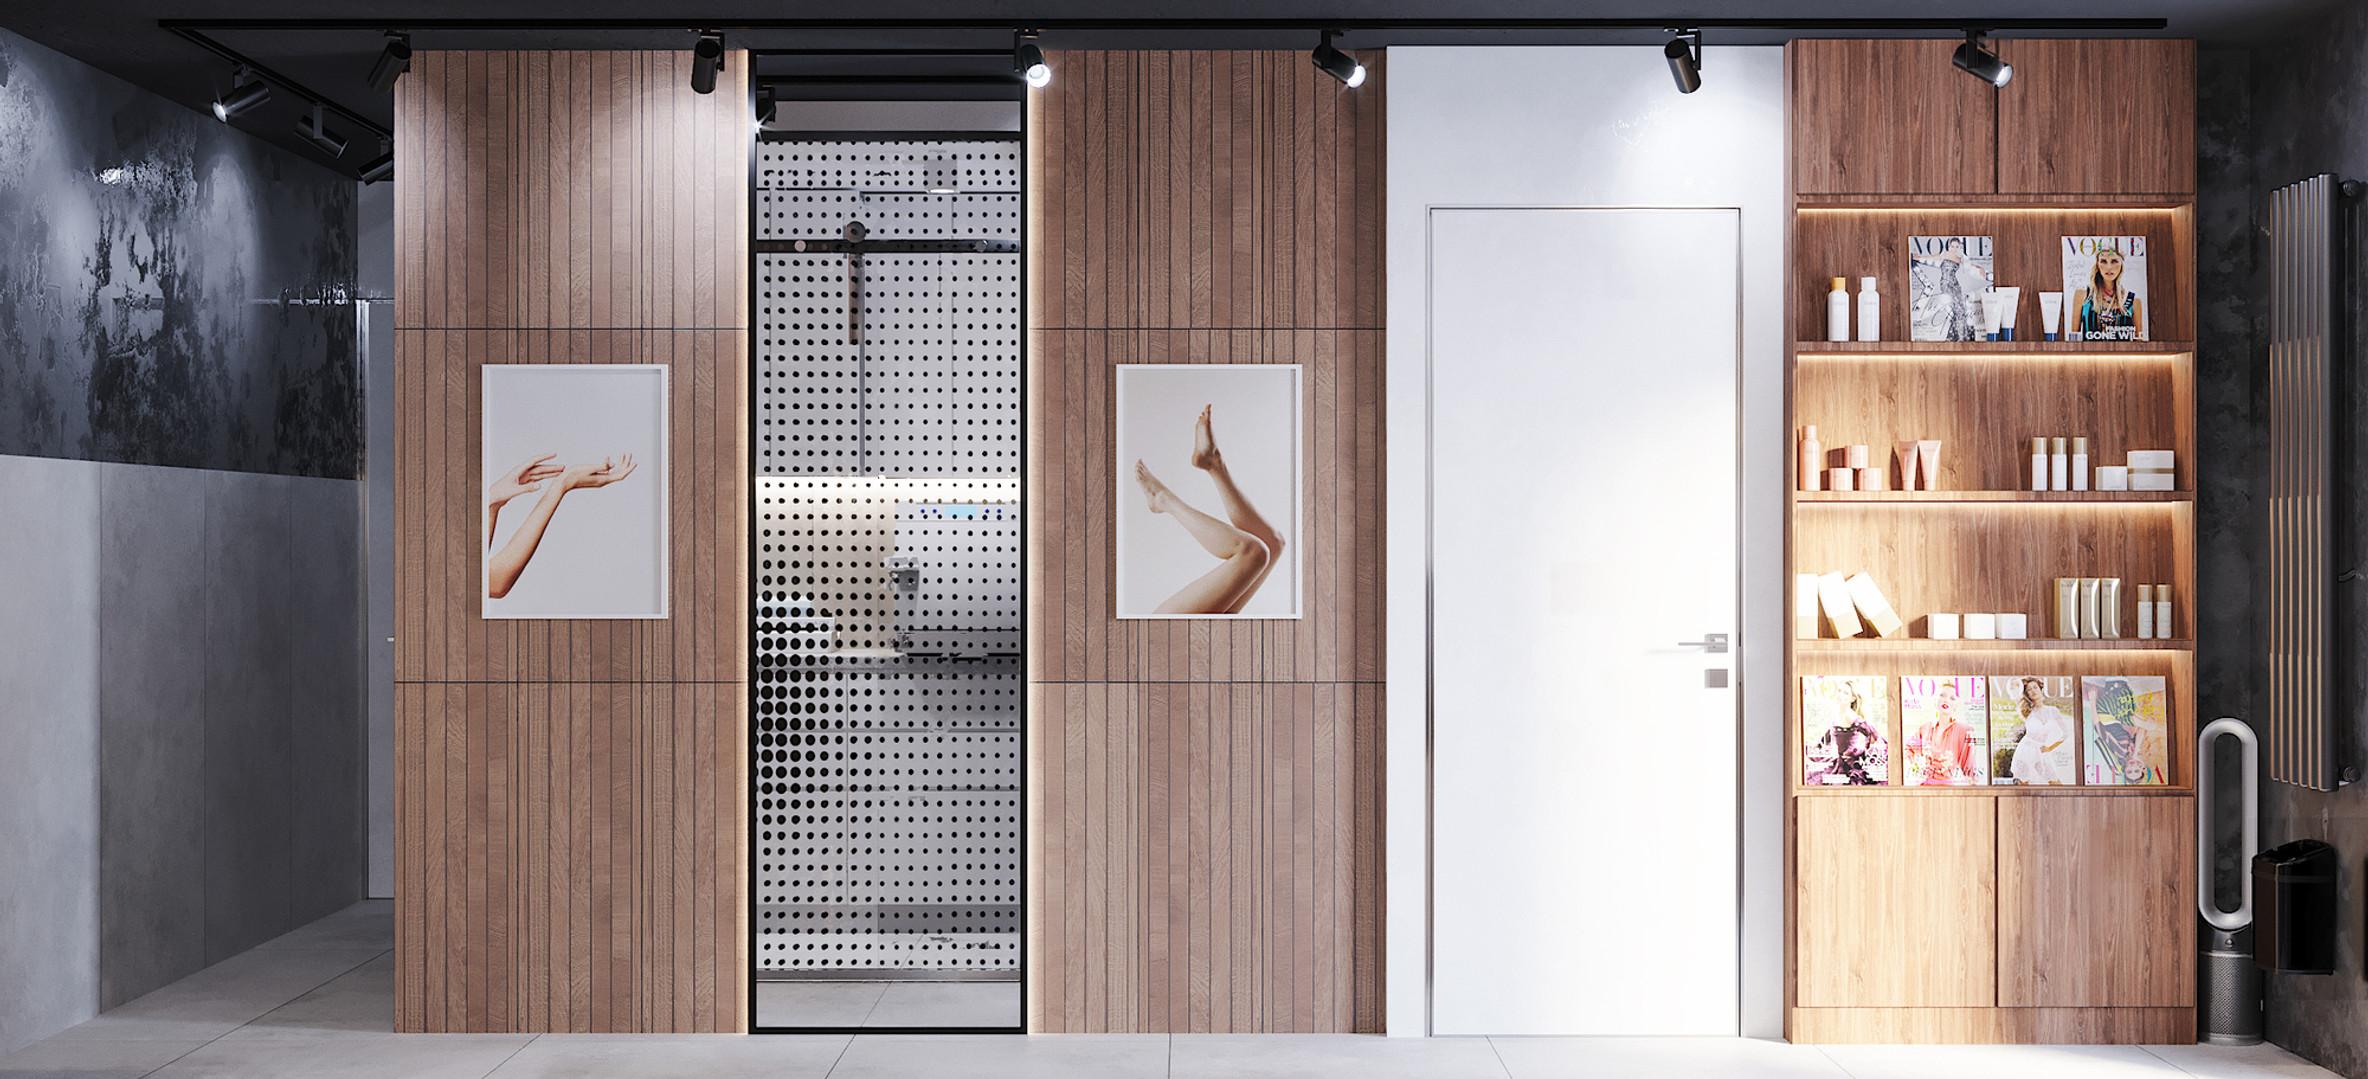 салон красоты дизайн проект